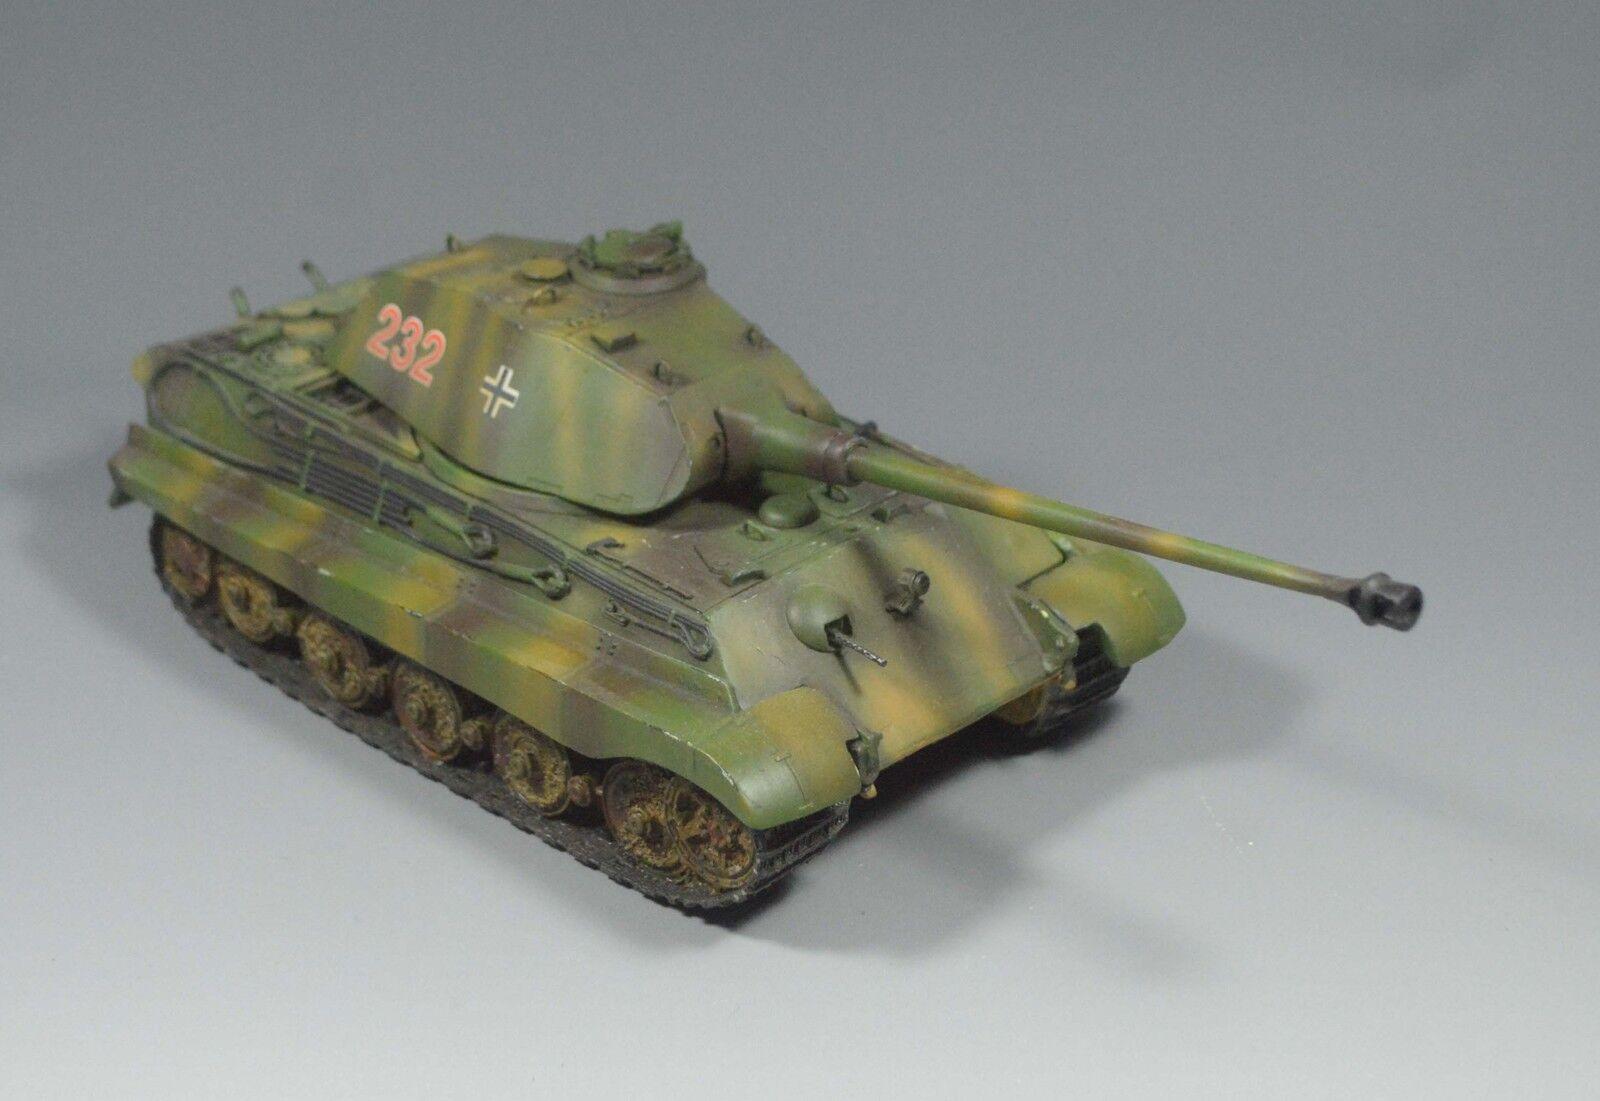 compras en linea 1 1 1 35 projoefinidas y pintado a mano Segunda Guerra Mundial Tigre rey alemán  precios razonables